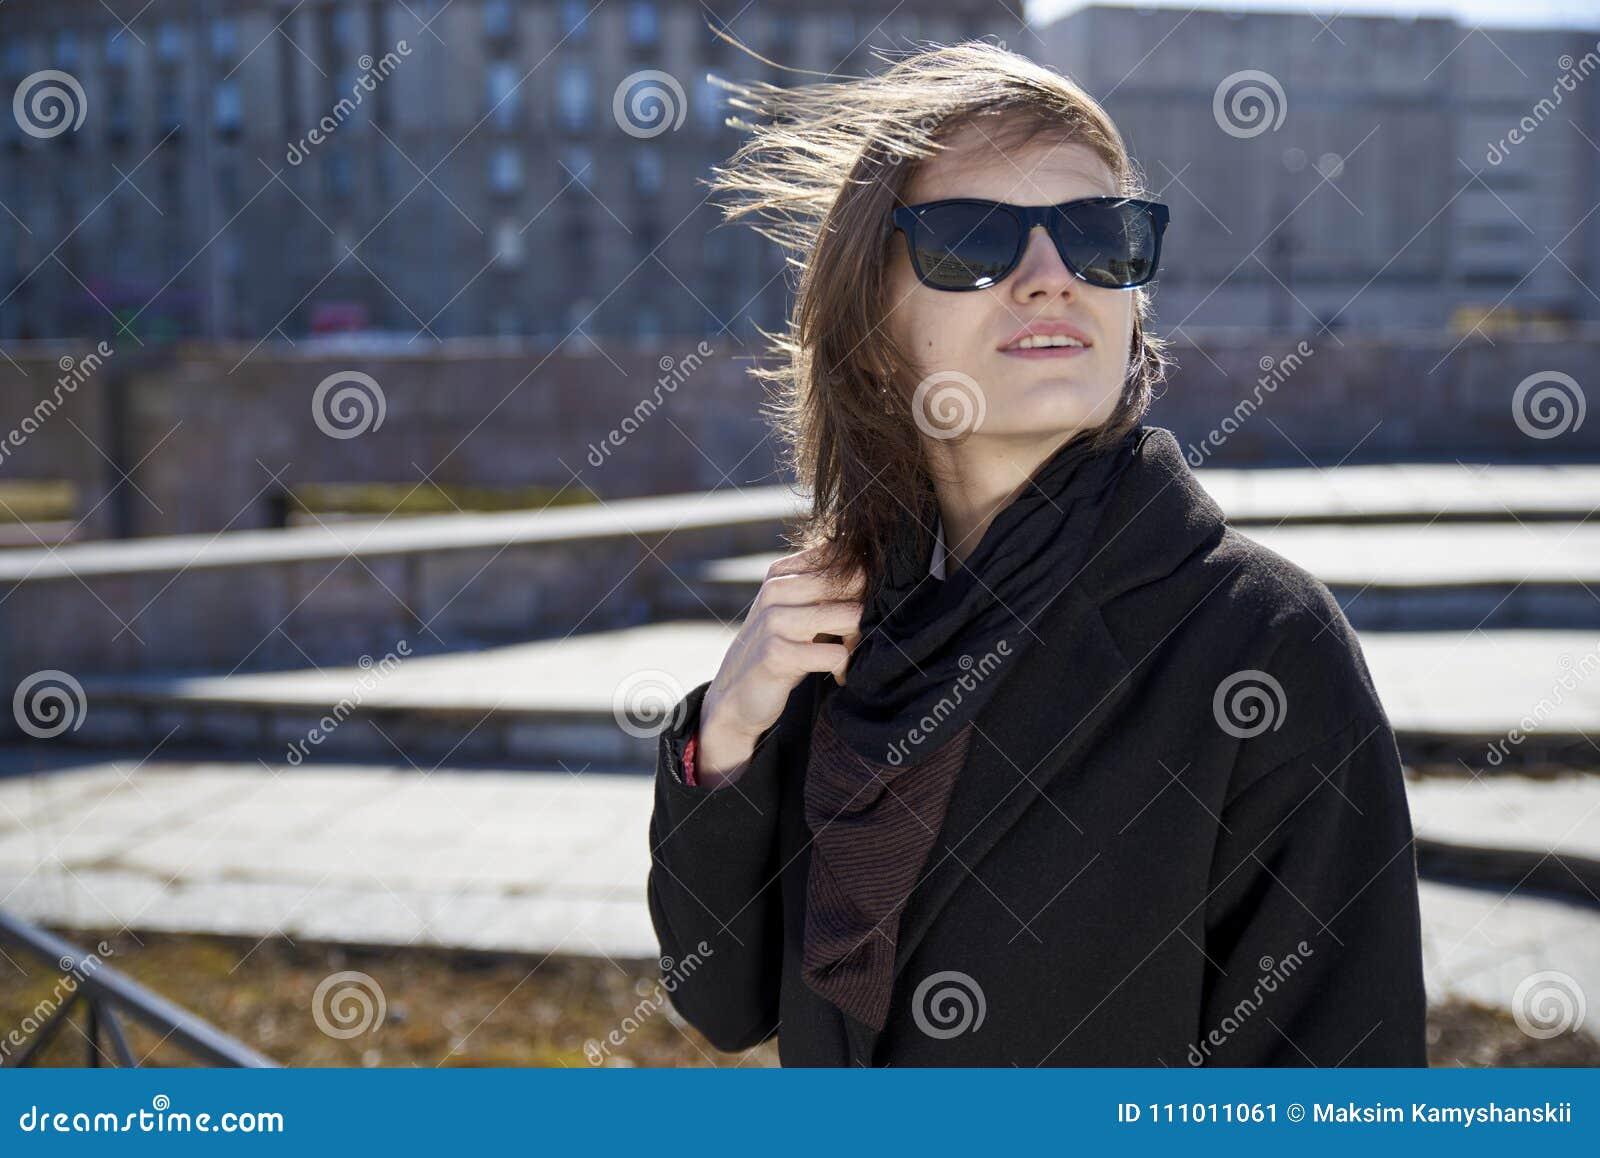 Capelli corti grigi alla moda